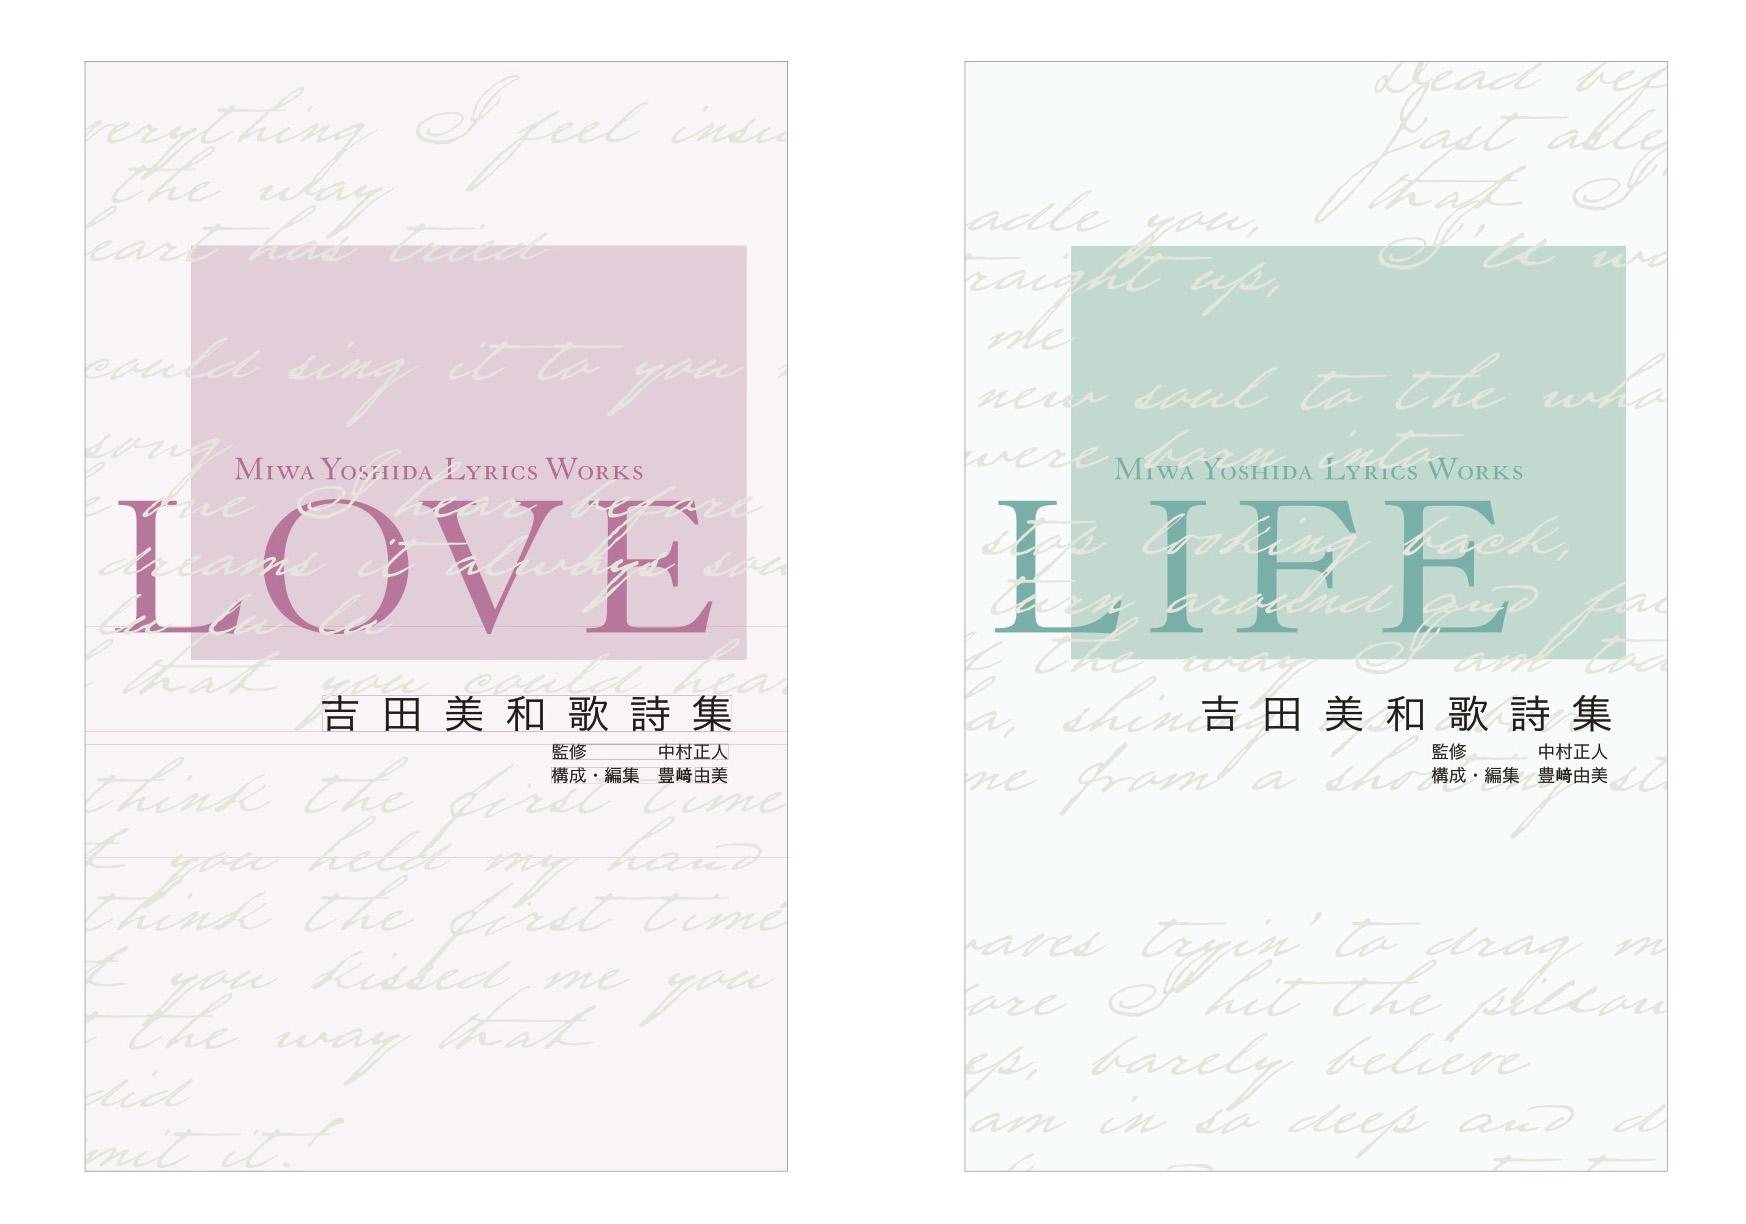 『吉田美和歌詩集 LOVE』『吉田美和歌詩集 LIFE』